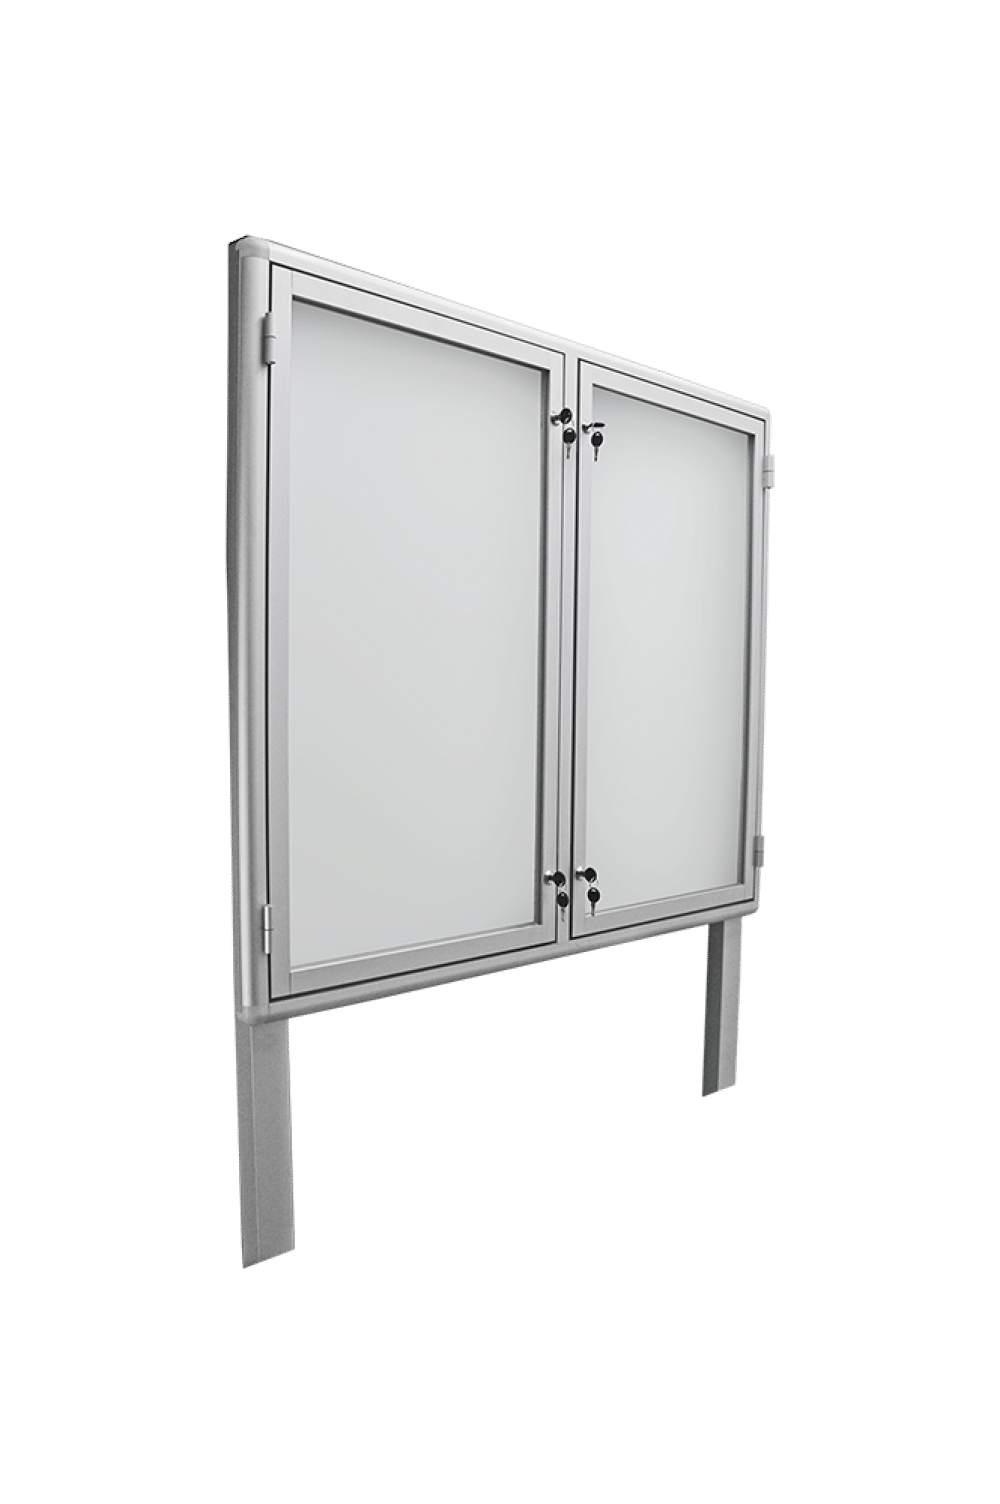 gablota ogloszeniowa aluminiowa zewnetrzna